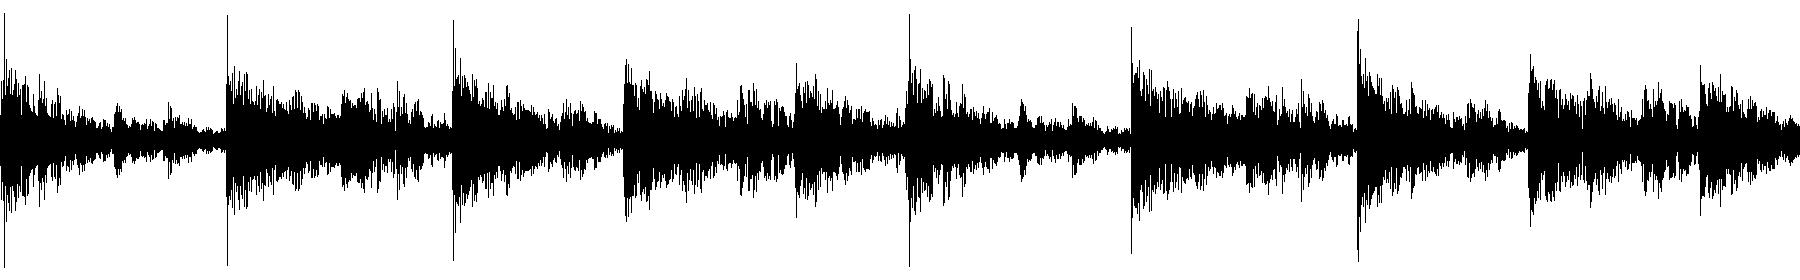 blbc cinedrumsa 75 03